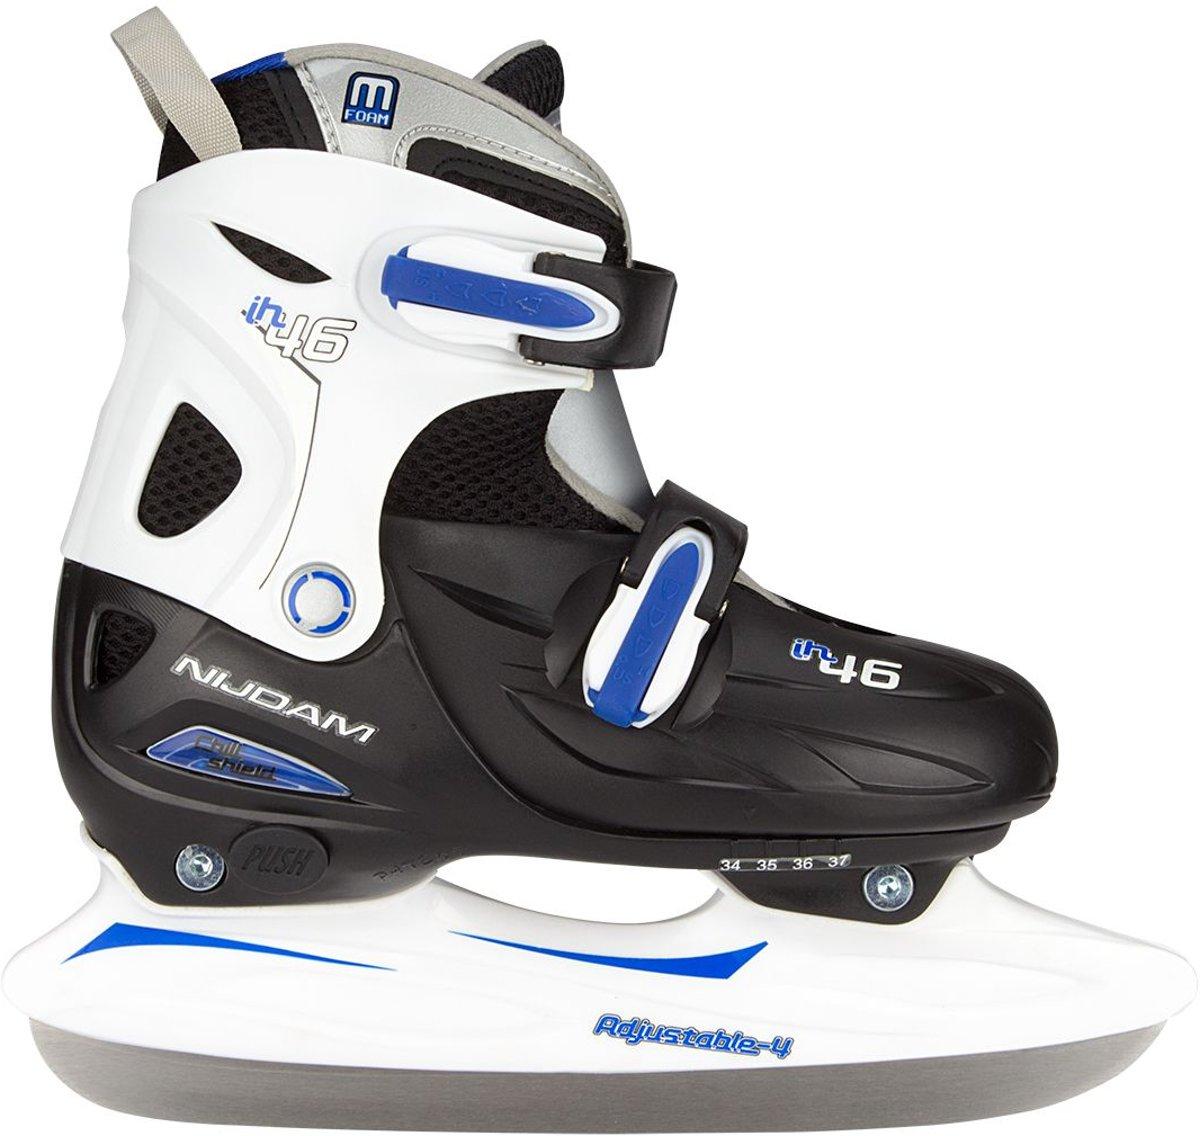 Nijdam Junior IJshockeyschaats Junior Verstelbaar - Hardboot - Zwart/Zilver/Blauw - 30-33